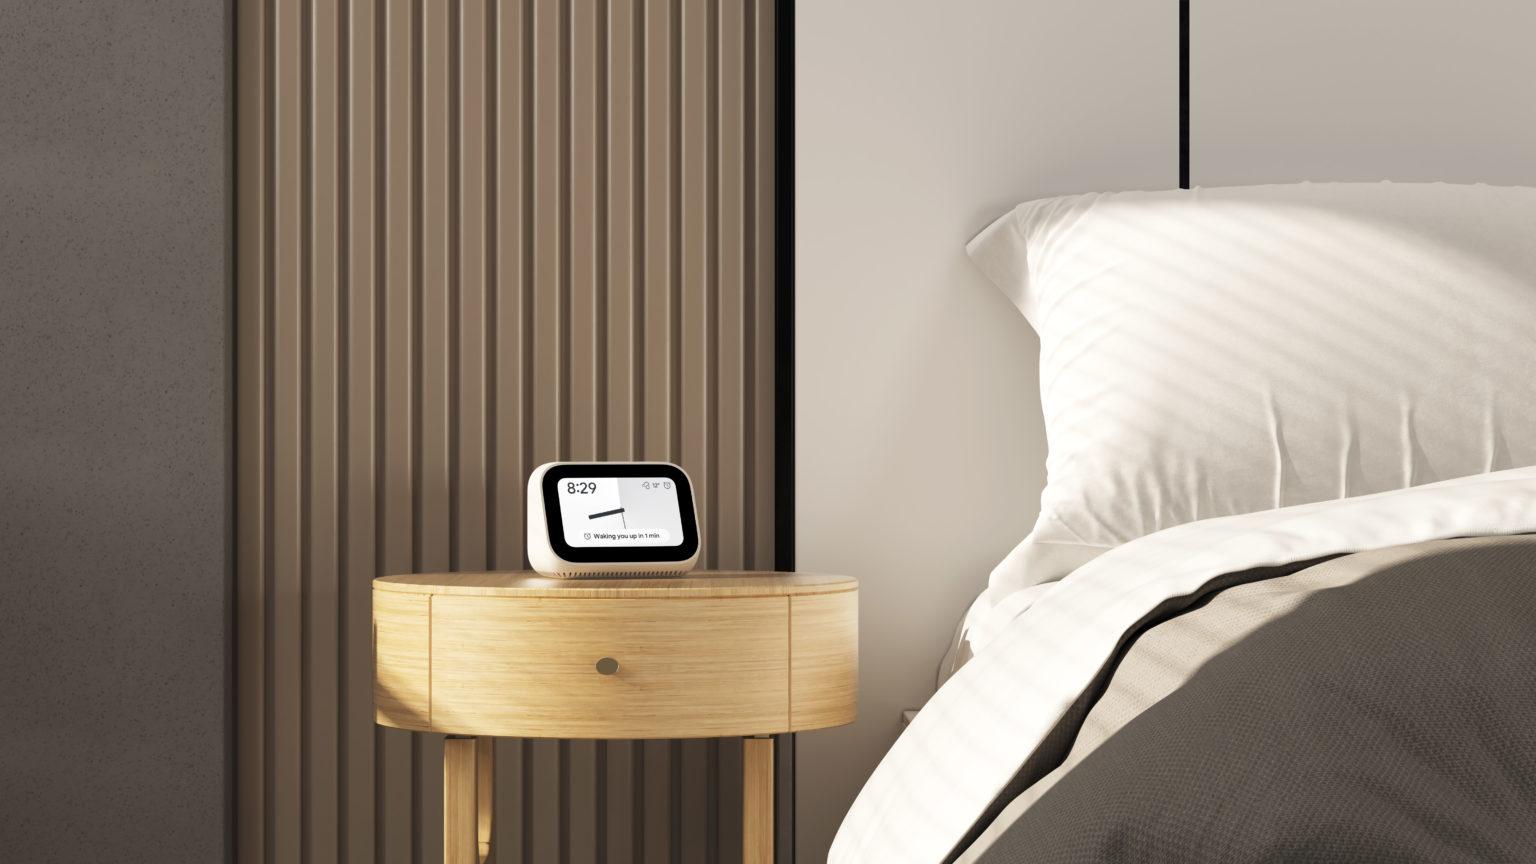 Reloj despertador Inteligente Xiaomi Mi Smart Clock en la mesita de noche